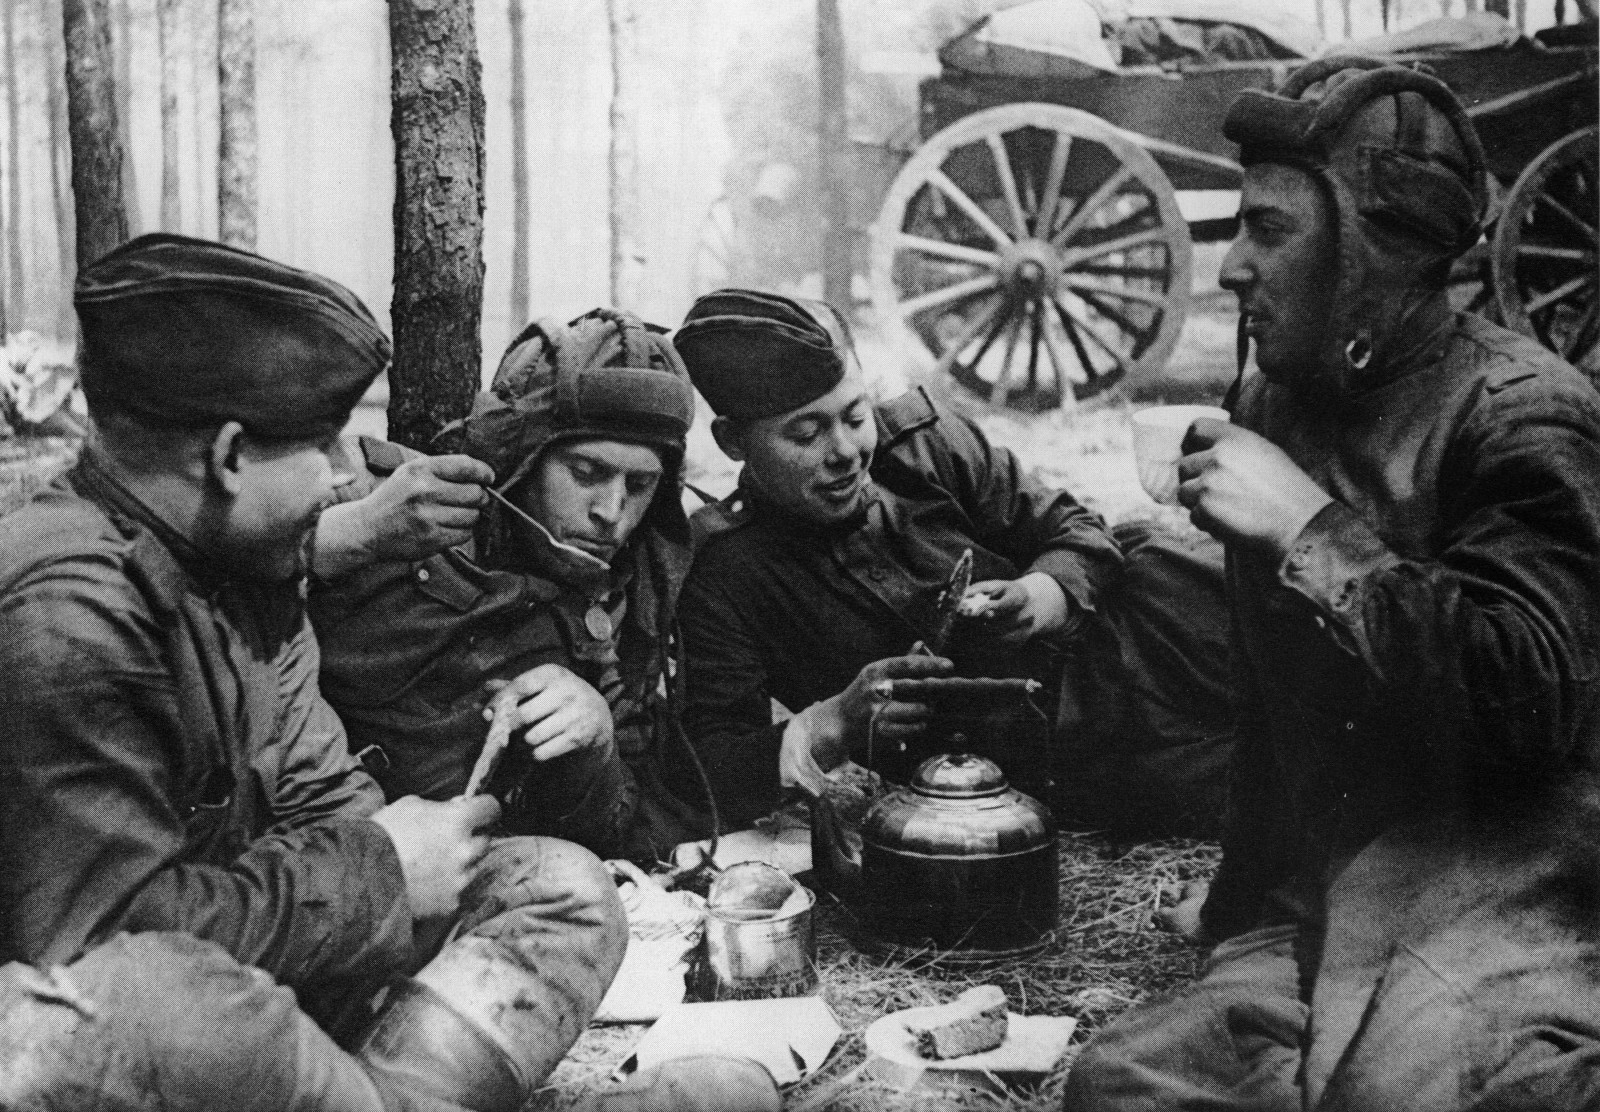 soldats soviétiques Gallery_6_208_2536568